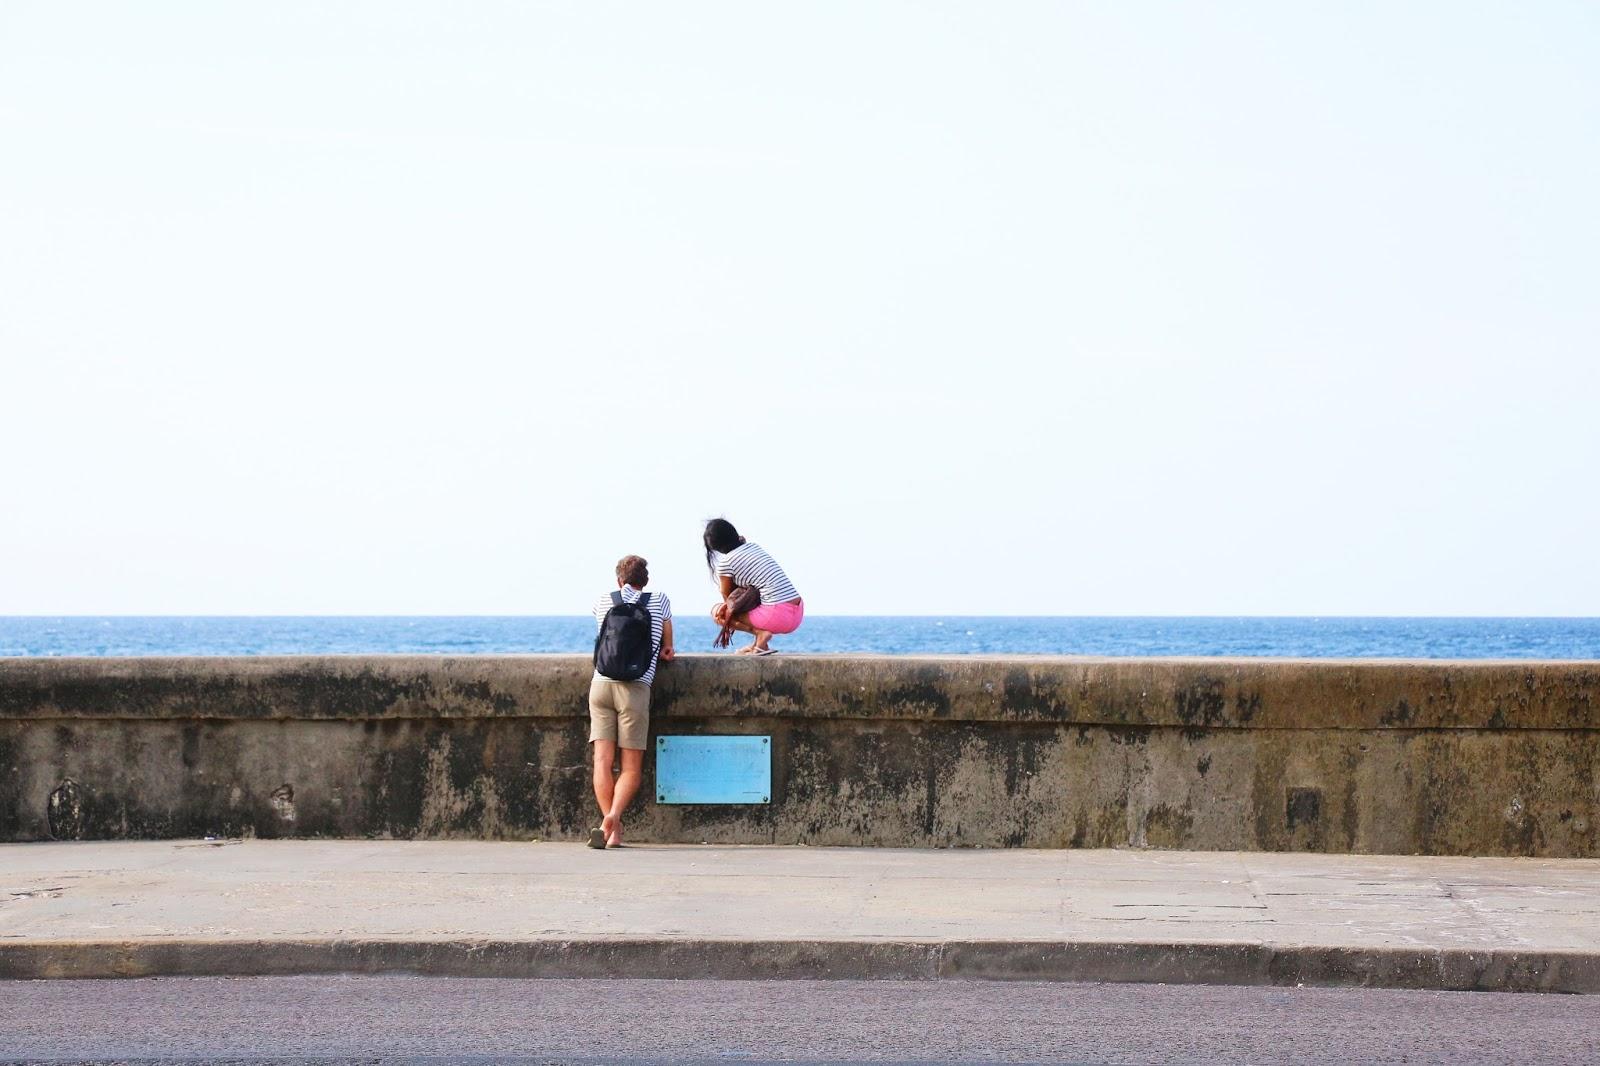 Sur le Malecon de La Havane - Cuba